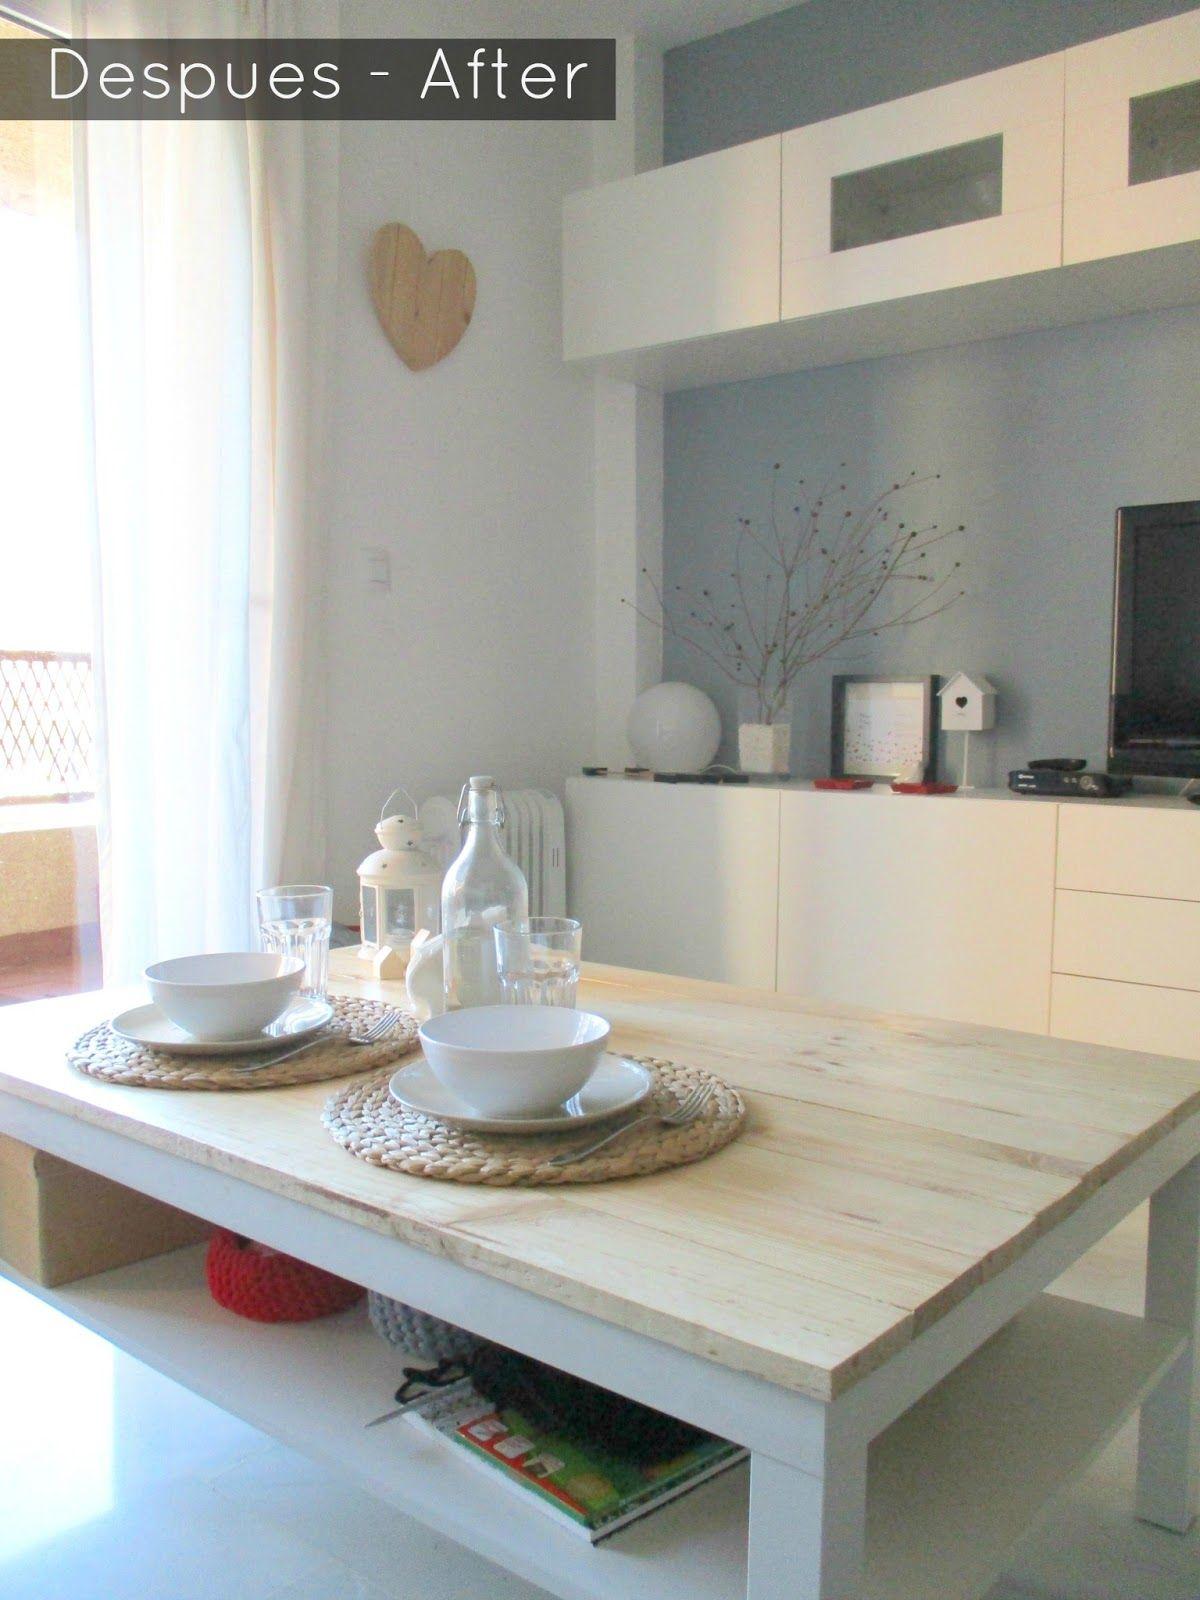 ikea muebles y decoracion la buhardilla decoraci n dise o y muebles antes y